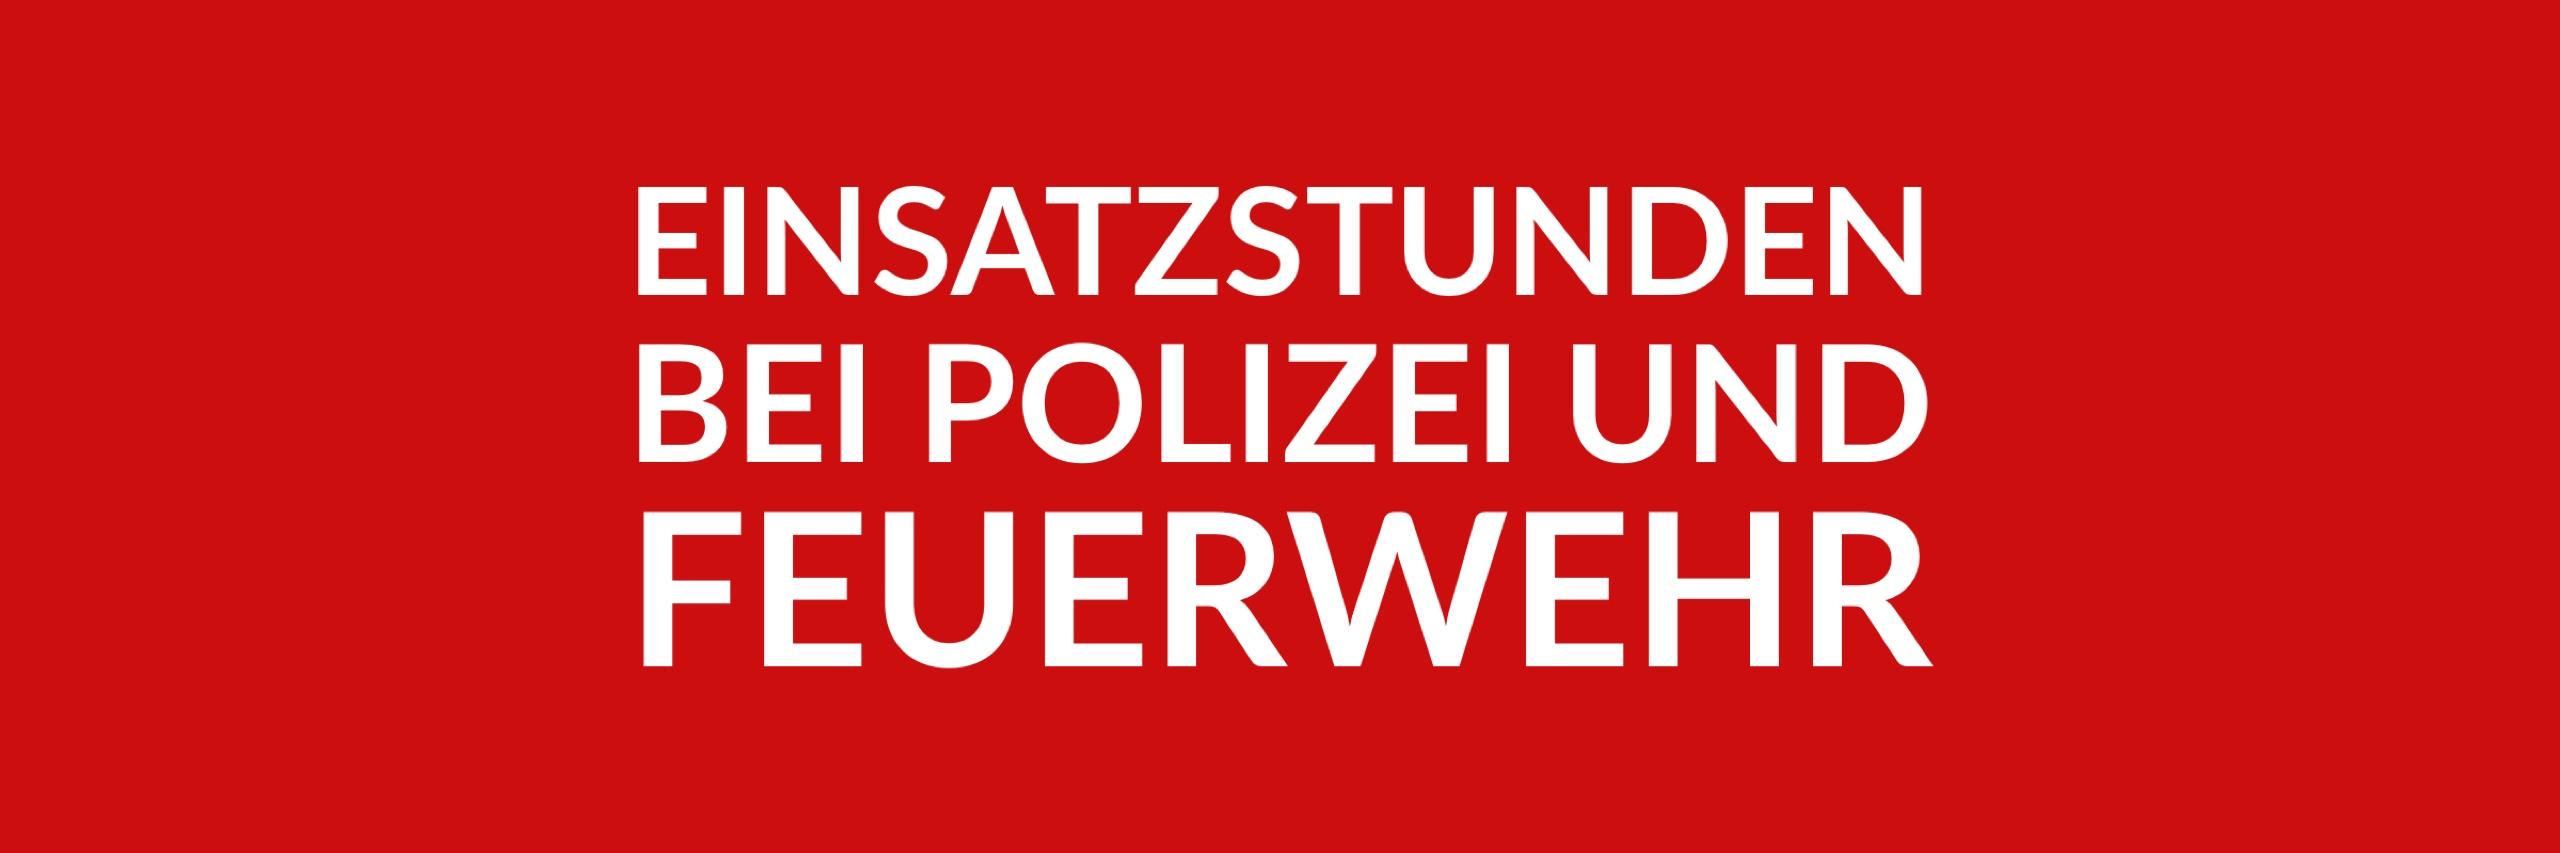 Anfrage 'Einsatzstunden bei Polizei und Feuerwehr in Wedding, Moabit und Gesundbrunnen' (PDF)